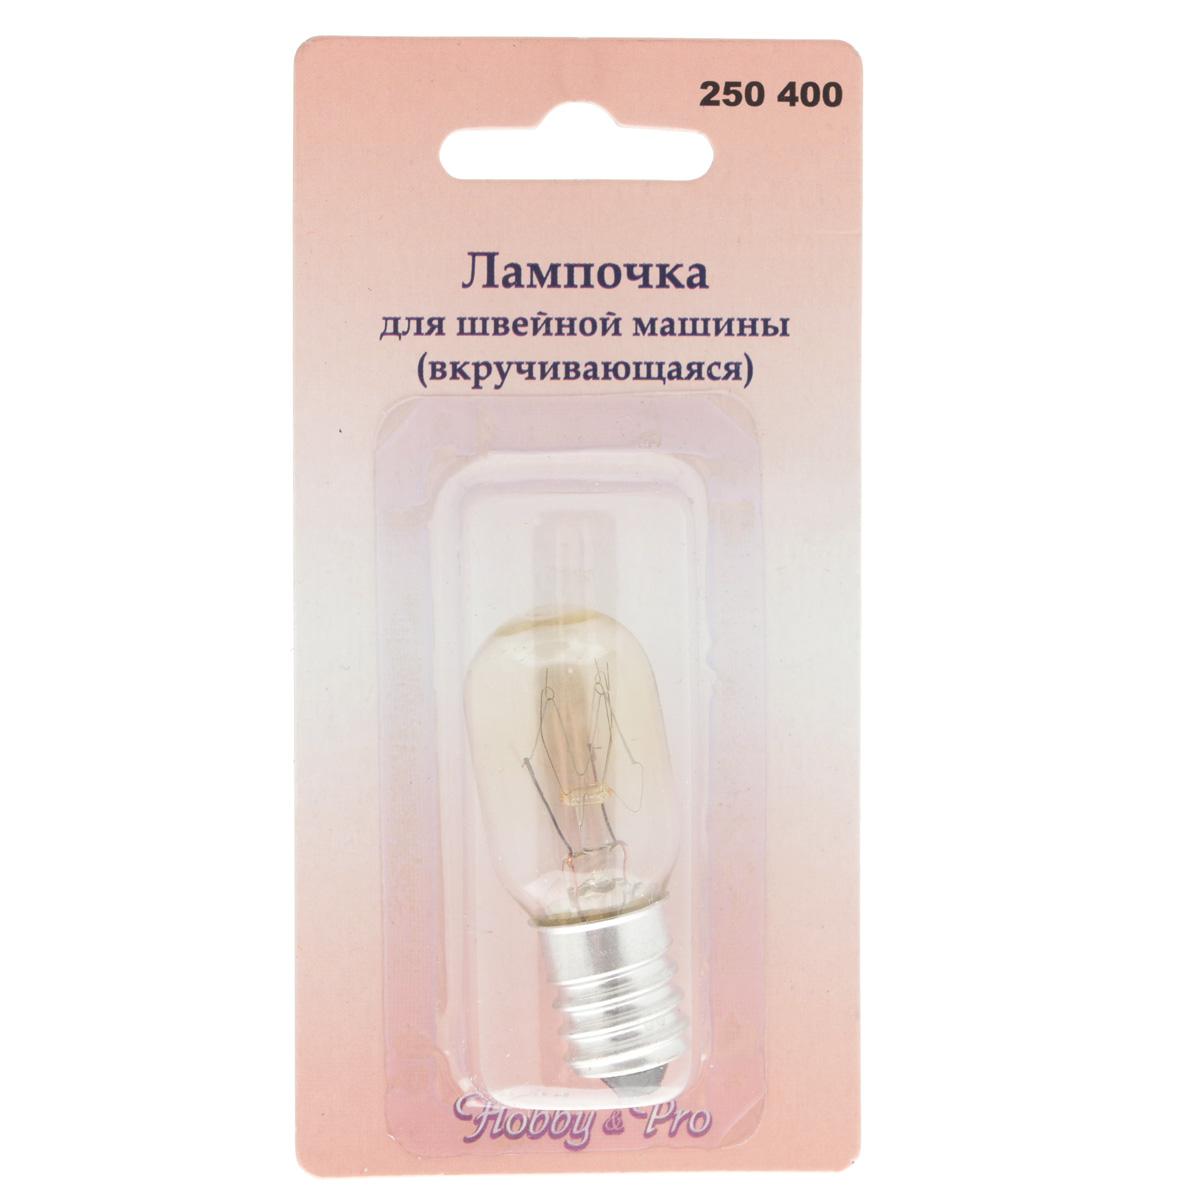 Лампочка для швейной машины Hobby & Pro, вкручивающаяся, 2 см х 2 см х 4,5 смC0027365Вкручивающаяся лампочка 15W/220V Hobby & Pro подходит для швейных машин Brother, AstraLux, Toyota и других.Размер: 2 см х 2 см х 4,5 см.Перед тем, как вставить лампочку, необходимо сверить ее с размером оригинальной.